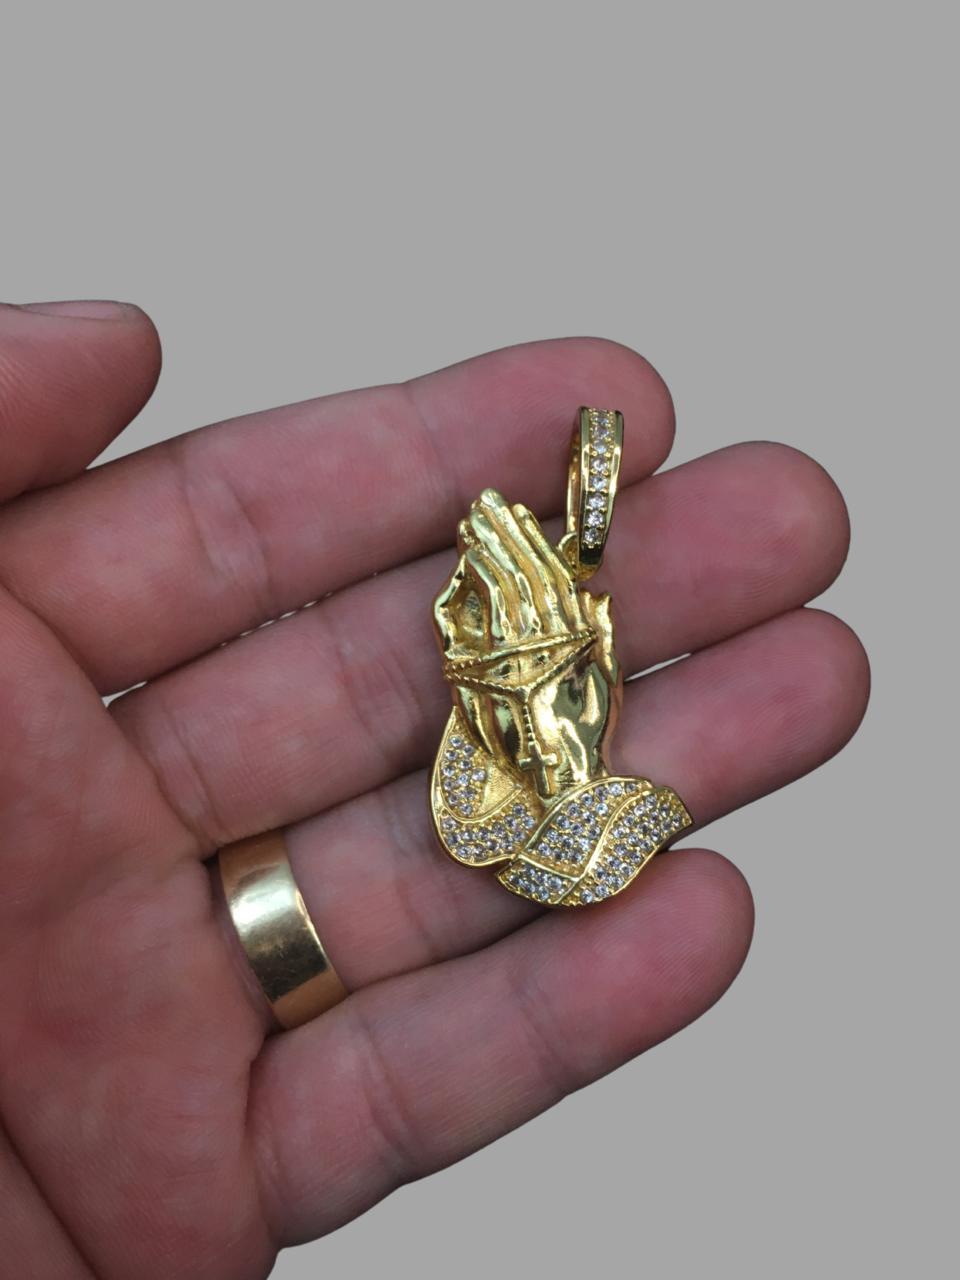 Pingente  Mãos rezando cravejada de Zircônia -   banhado a ouro 18k